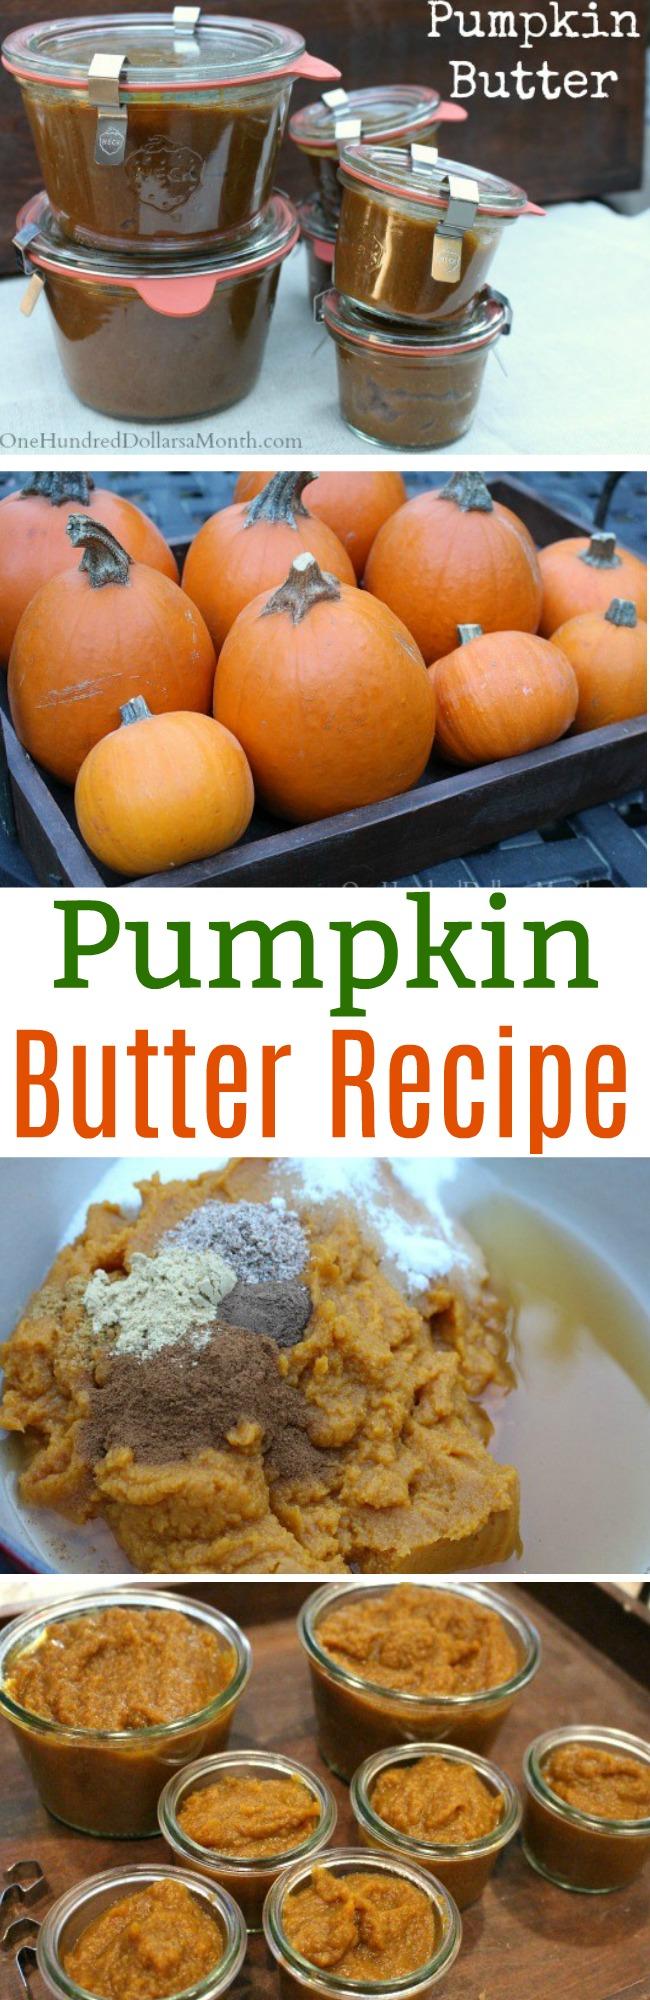 Freakin' Awesome Pumpkin Butter